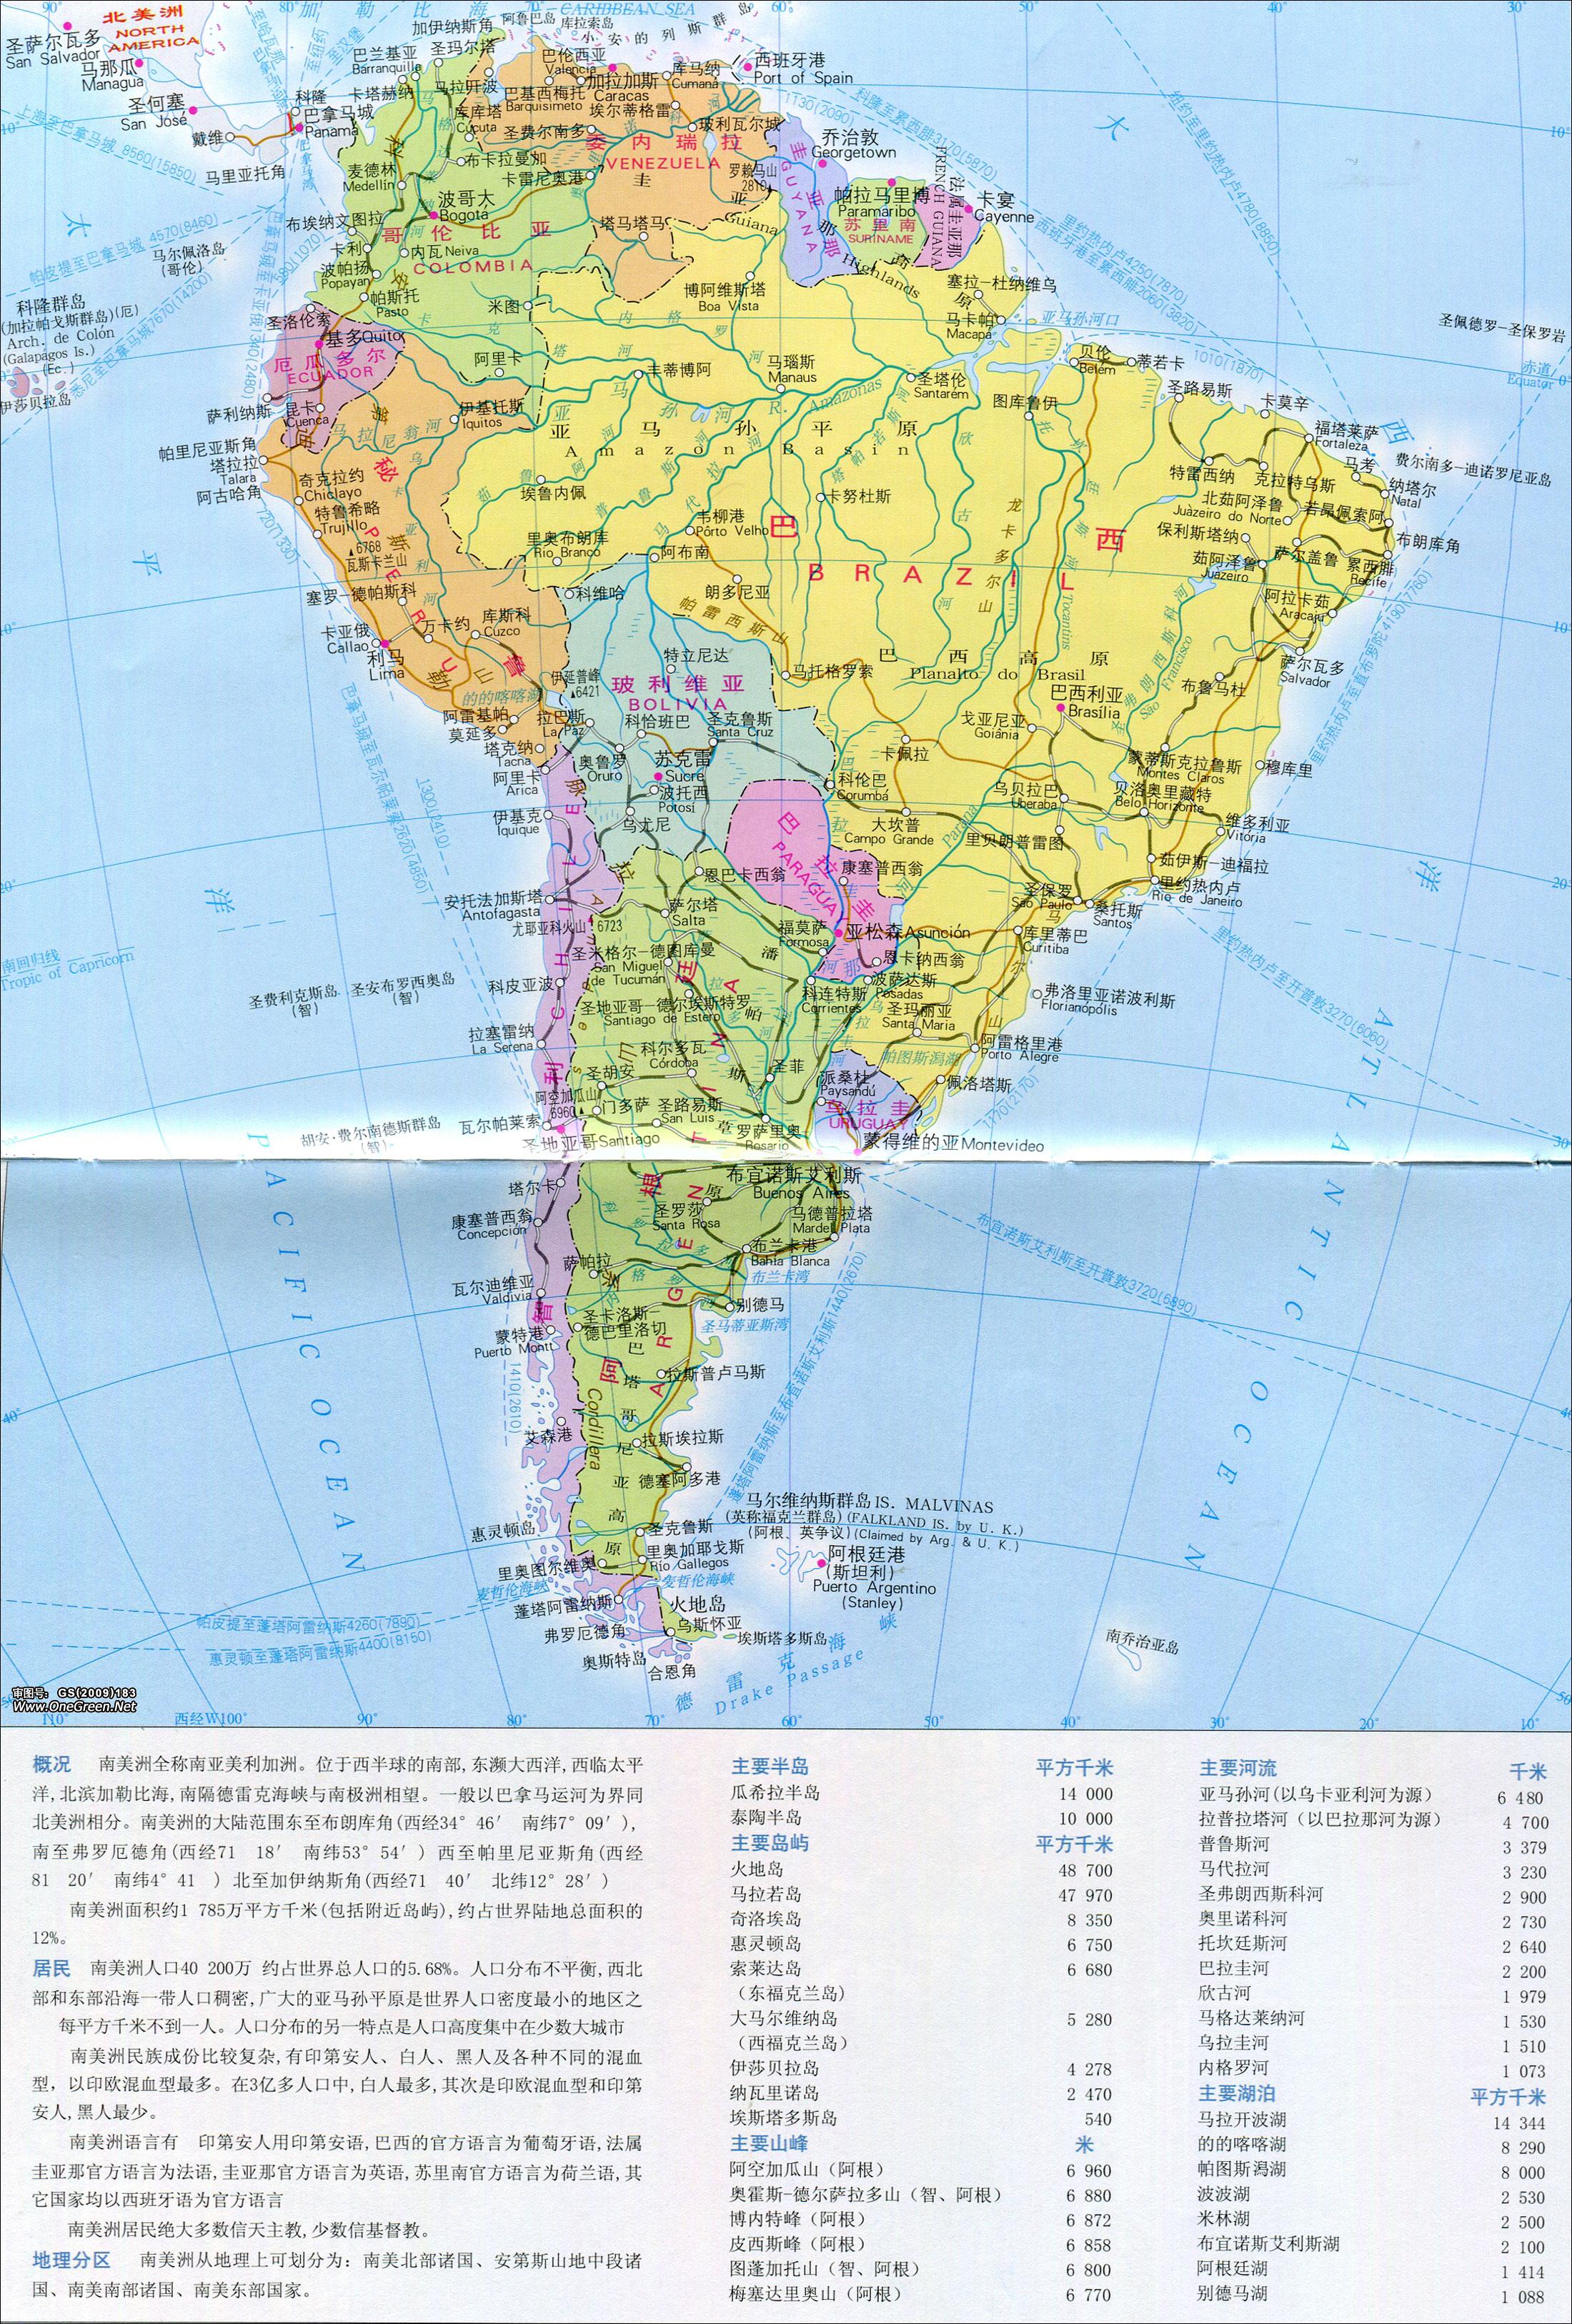 香港 地图 中文 版